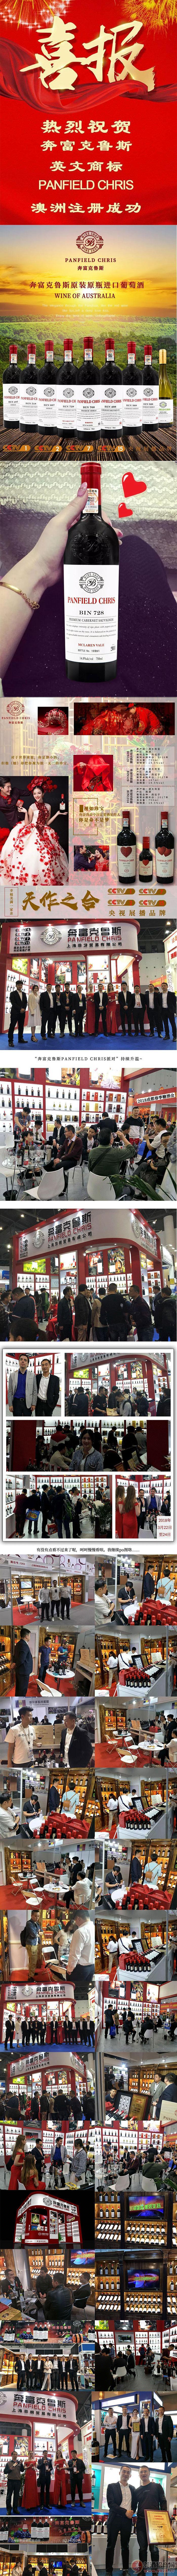 上海菲桐贸易有限公司